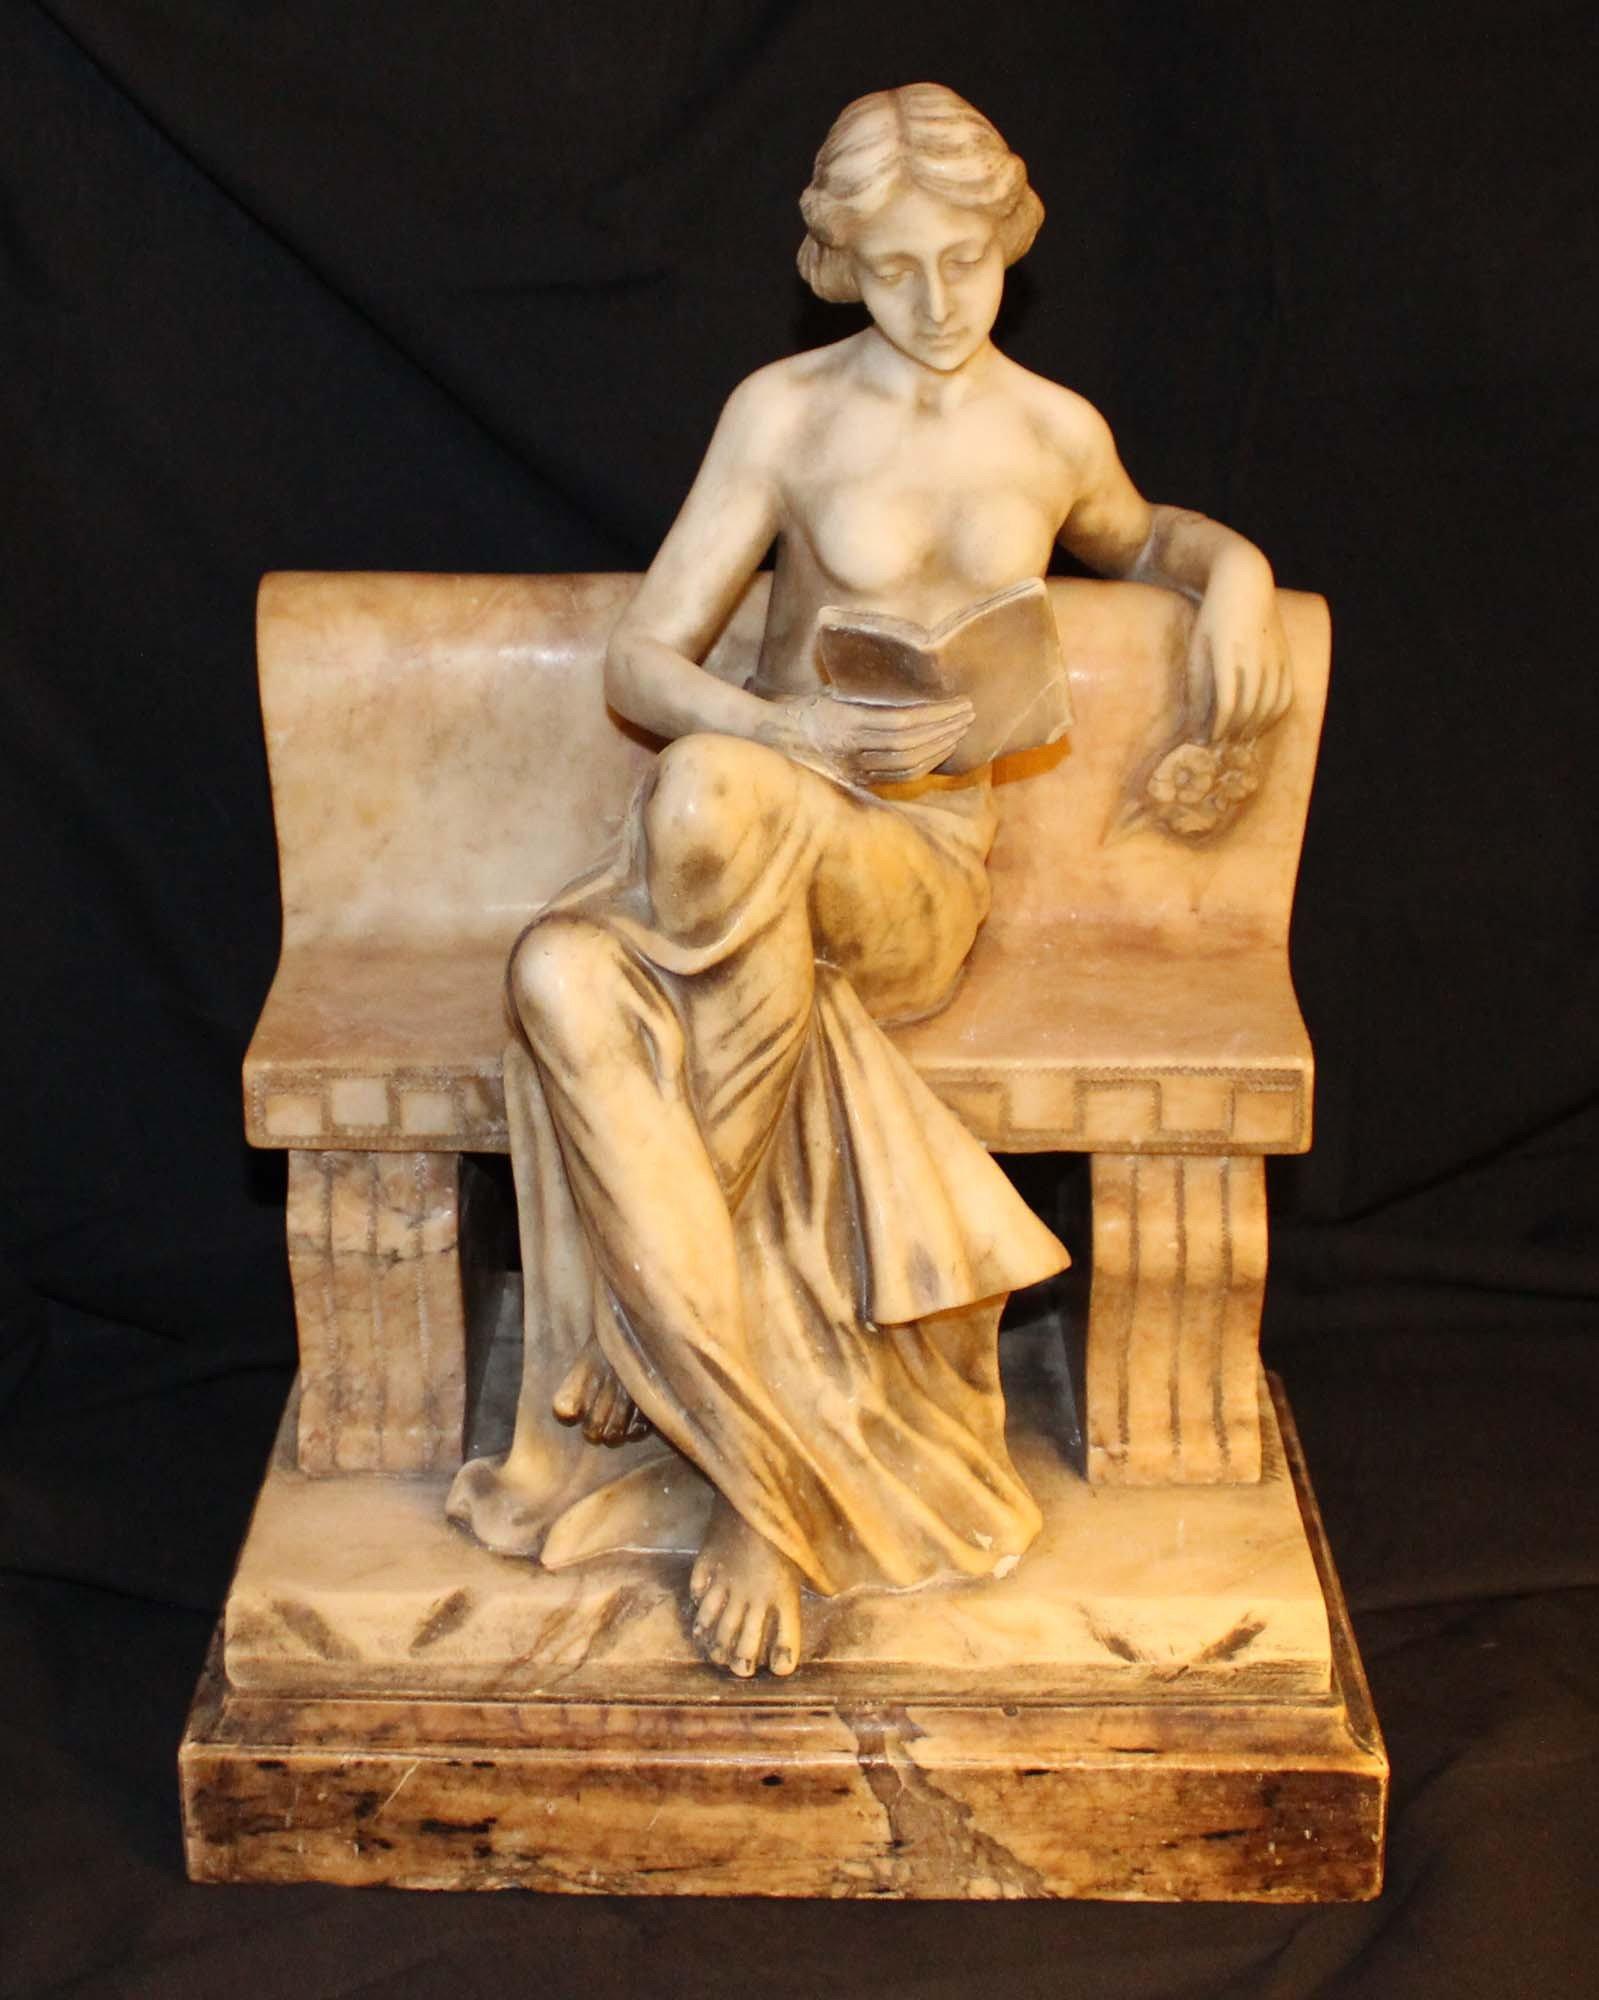 galerie-bosetti-antiquites sculpture marbre